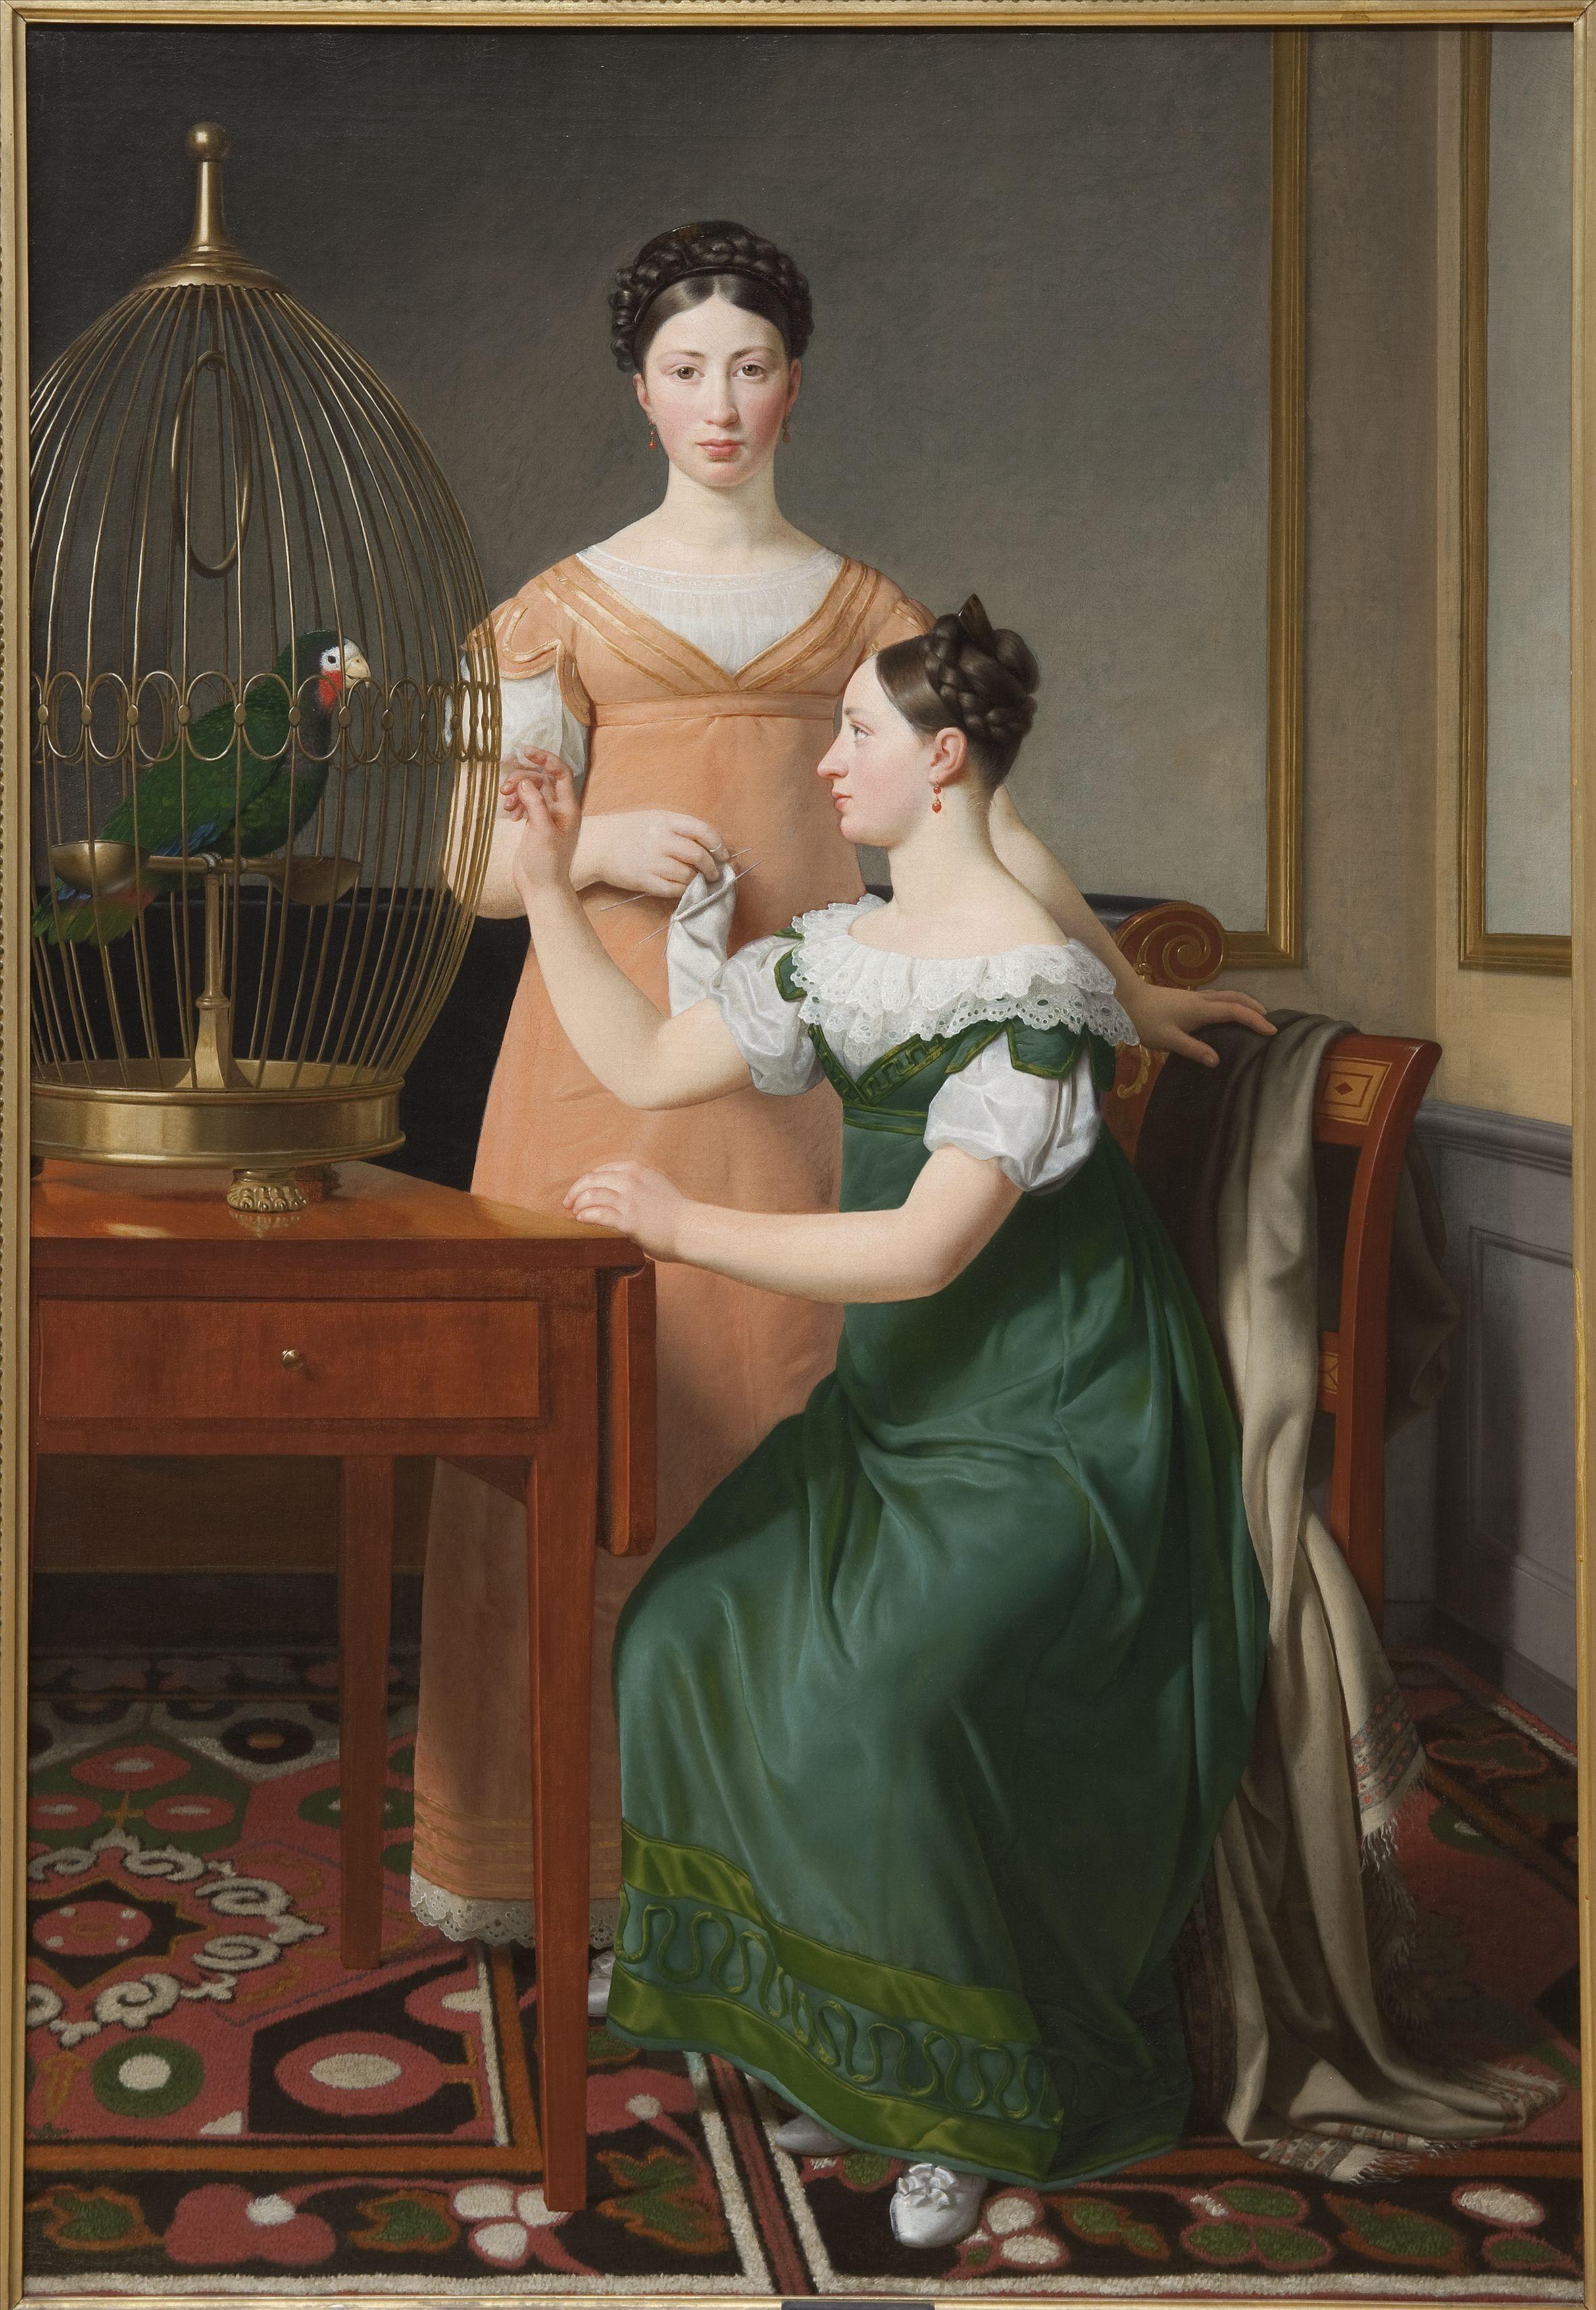 Christoffer Wilhelm Eckersberg (1783–1853). Doppelbildnis der Schwestern Bella und Hanna Nathanson, 1820, Öl auf Leinwand, 125 x 85,5 cm, Kopenhagen, Statens Museum for Kunst. Foto: SMK - The National Gallery of Denmark